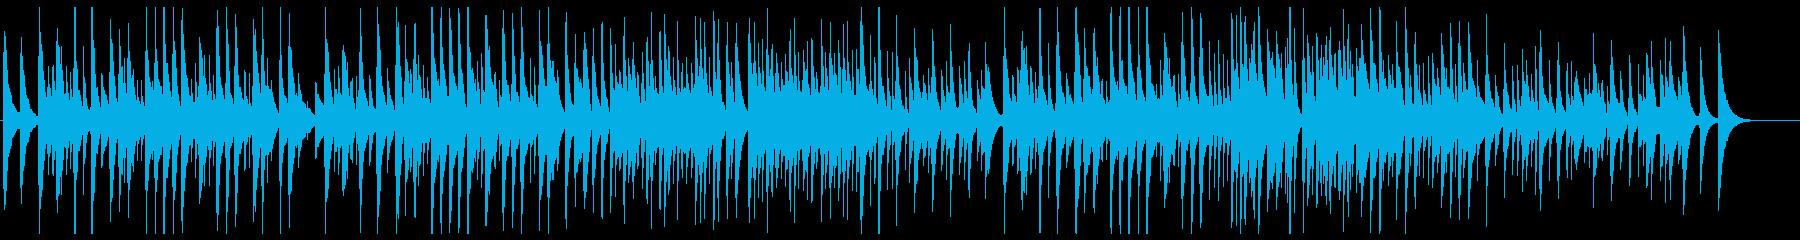 エルガー 「愛の挨拶」ウクレレカバーの再生済みの波形